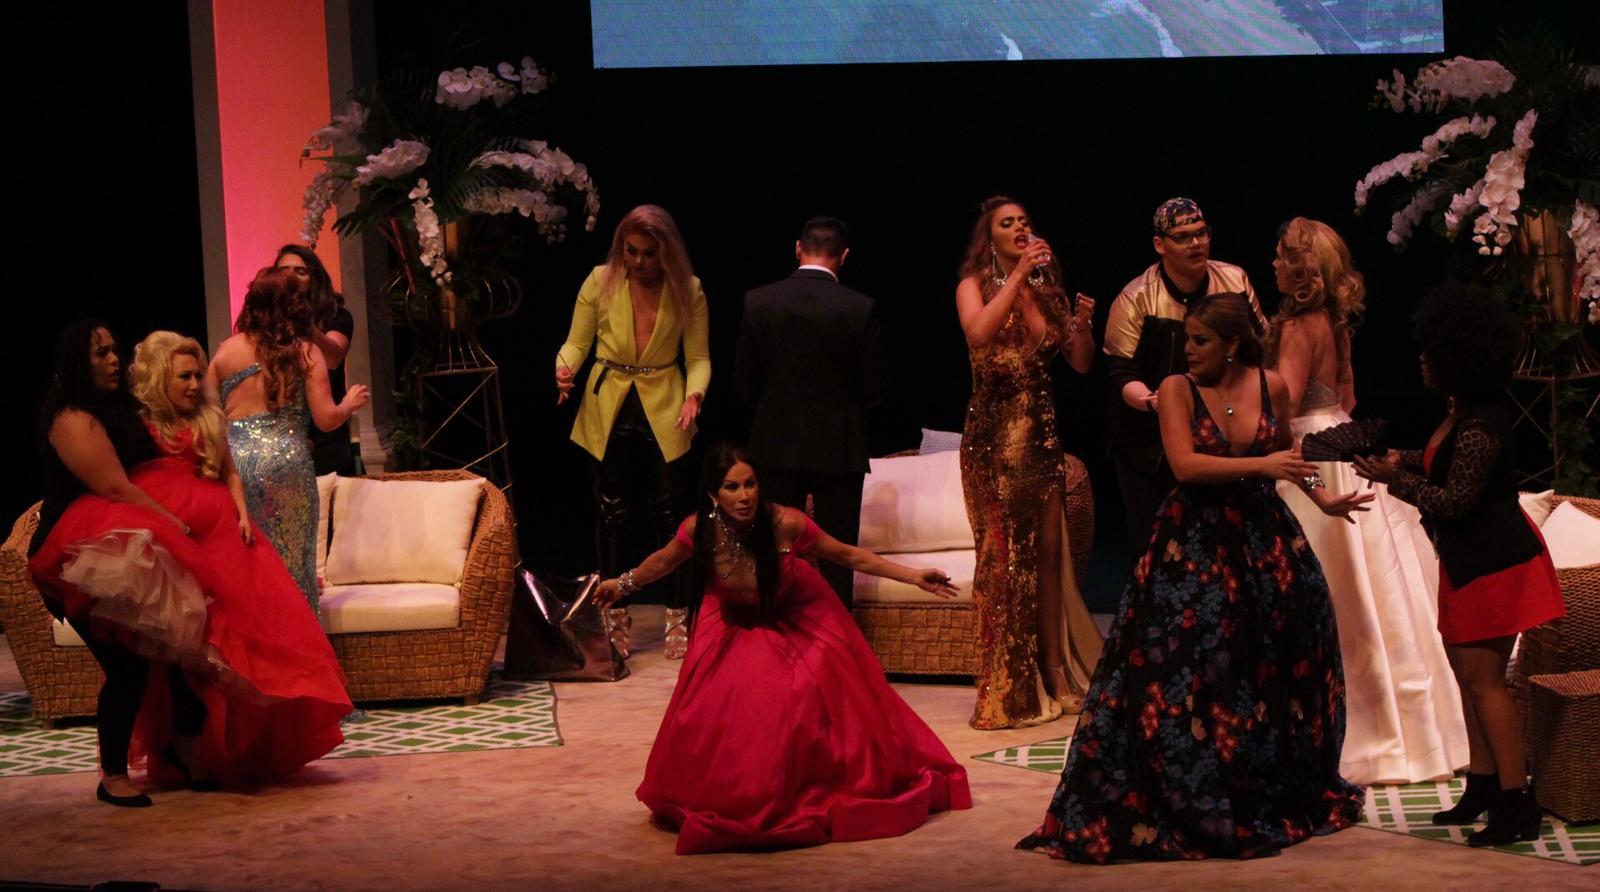 Las verdaderas Housewives de Puerto Rico The Reunion se presentó en la Sala de Teatro René Marqués del Centro de Bellas Artes en Santurce / Crédito Fotos: Lynoska Pabón